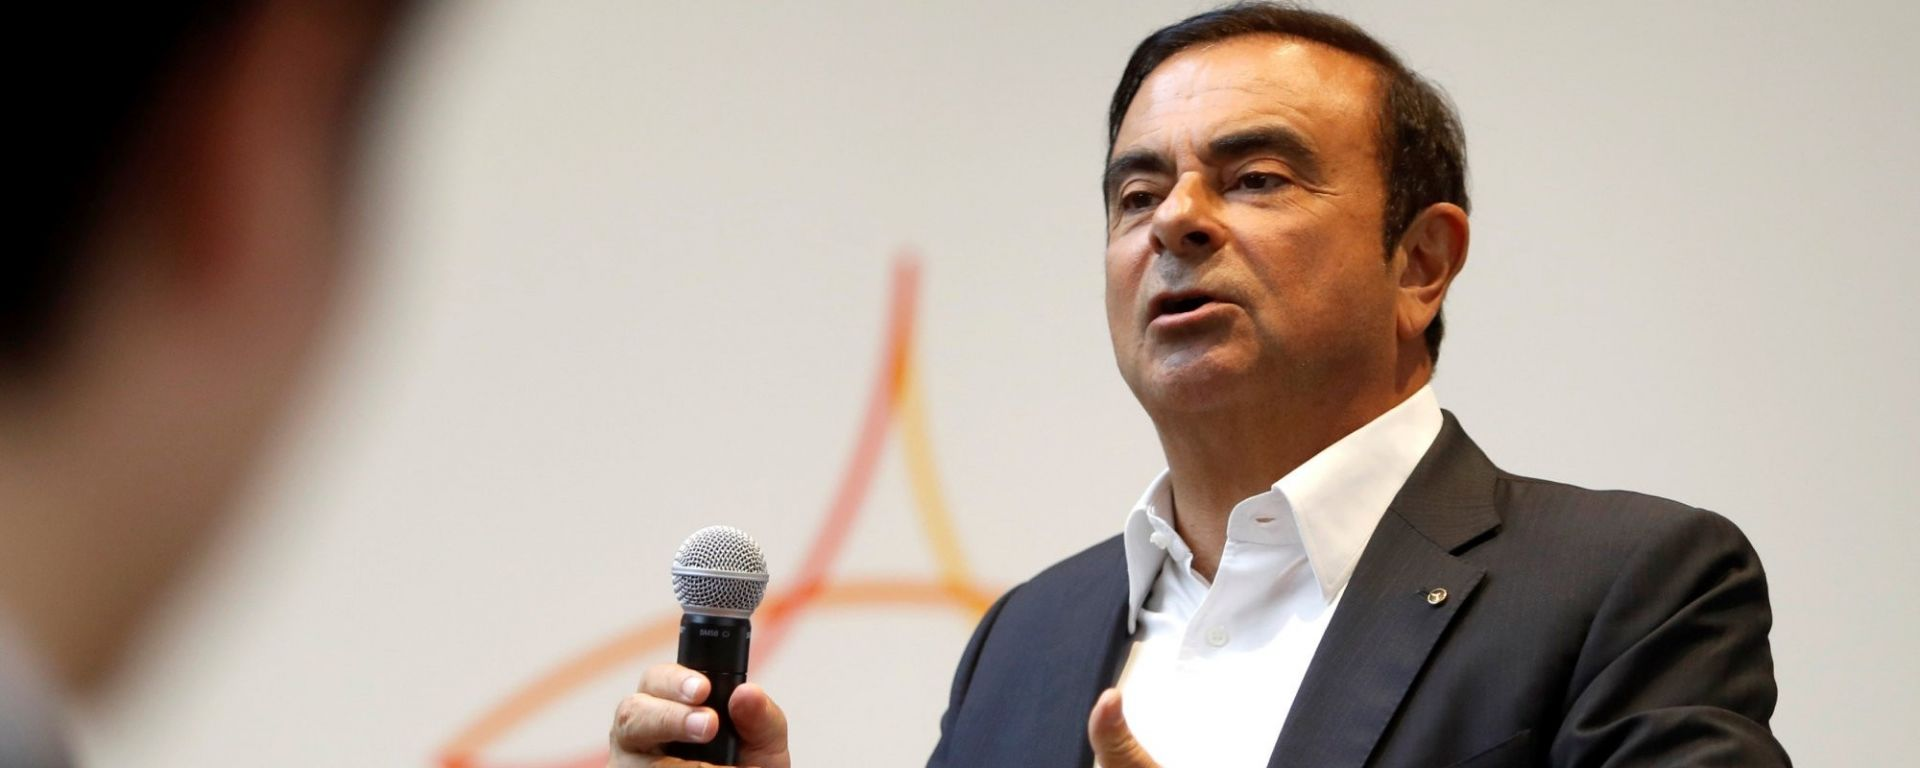 Carlos Ghosn, Ceo del Gruppo Renault-Nissan